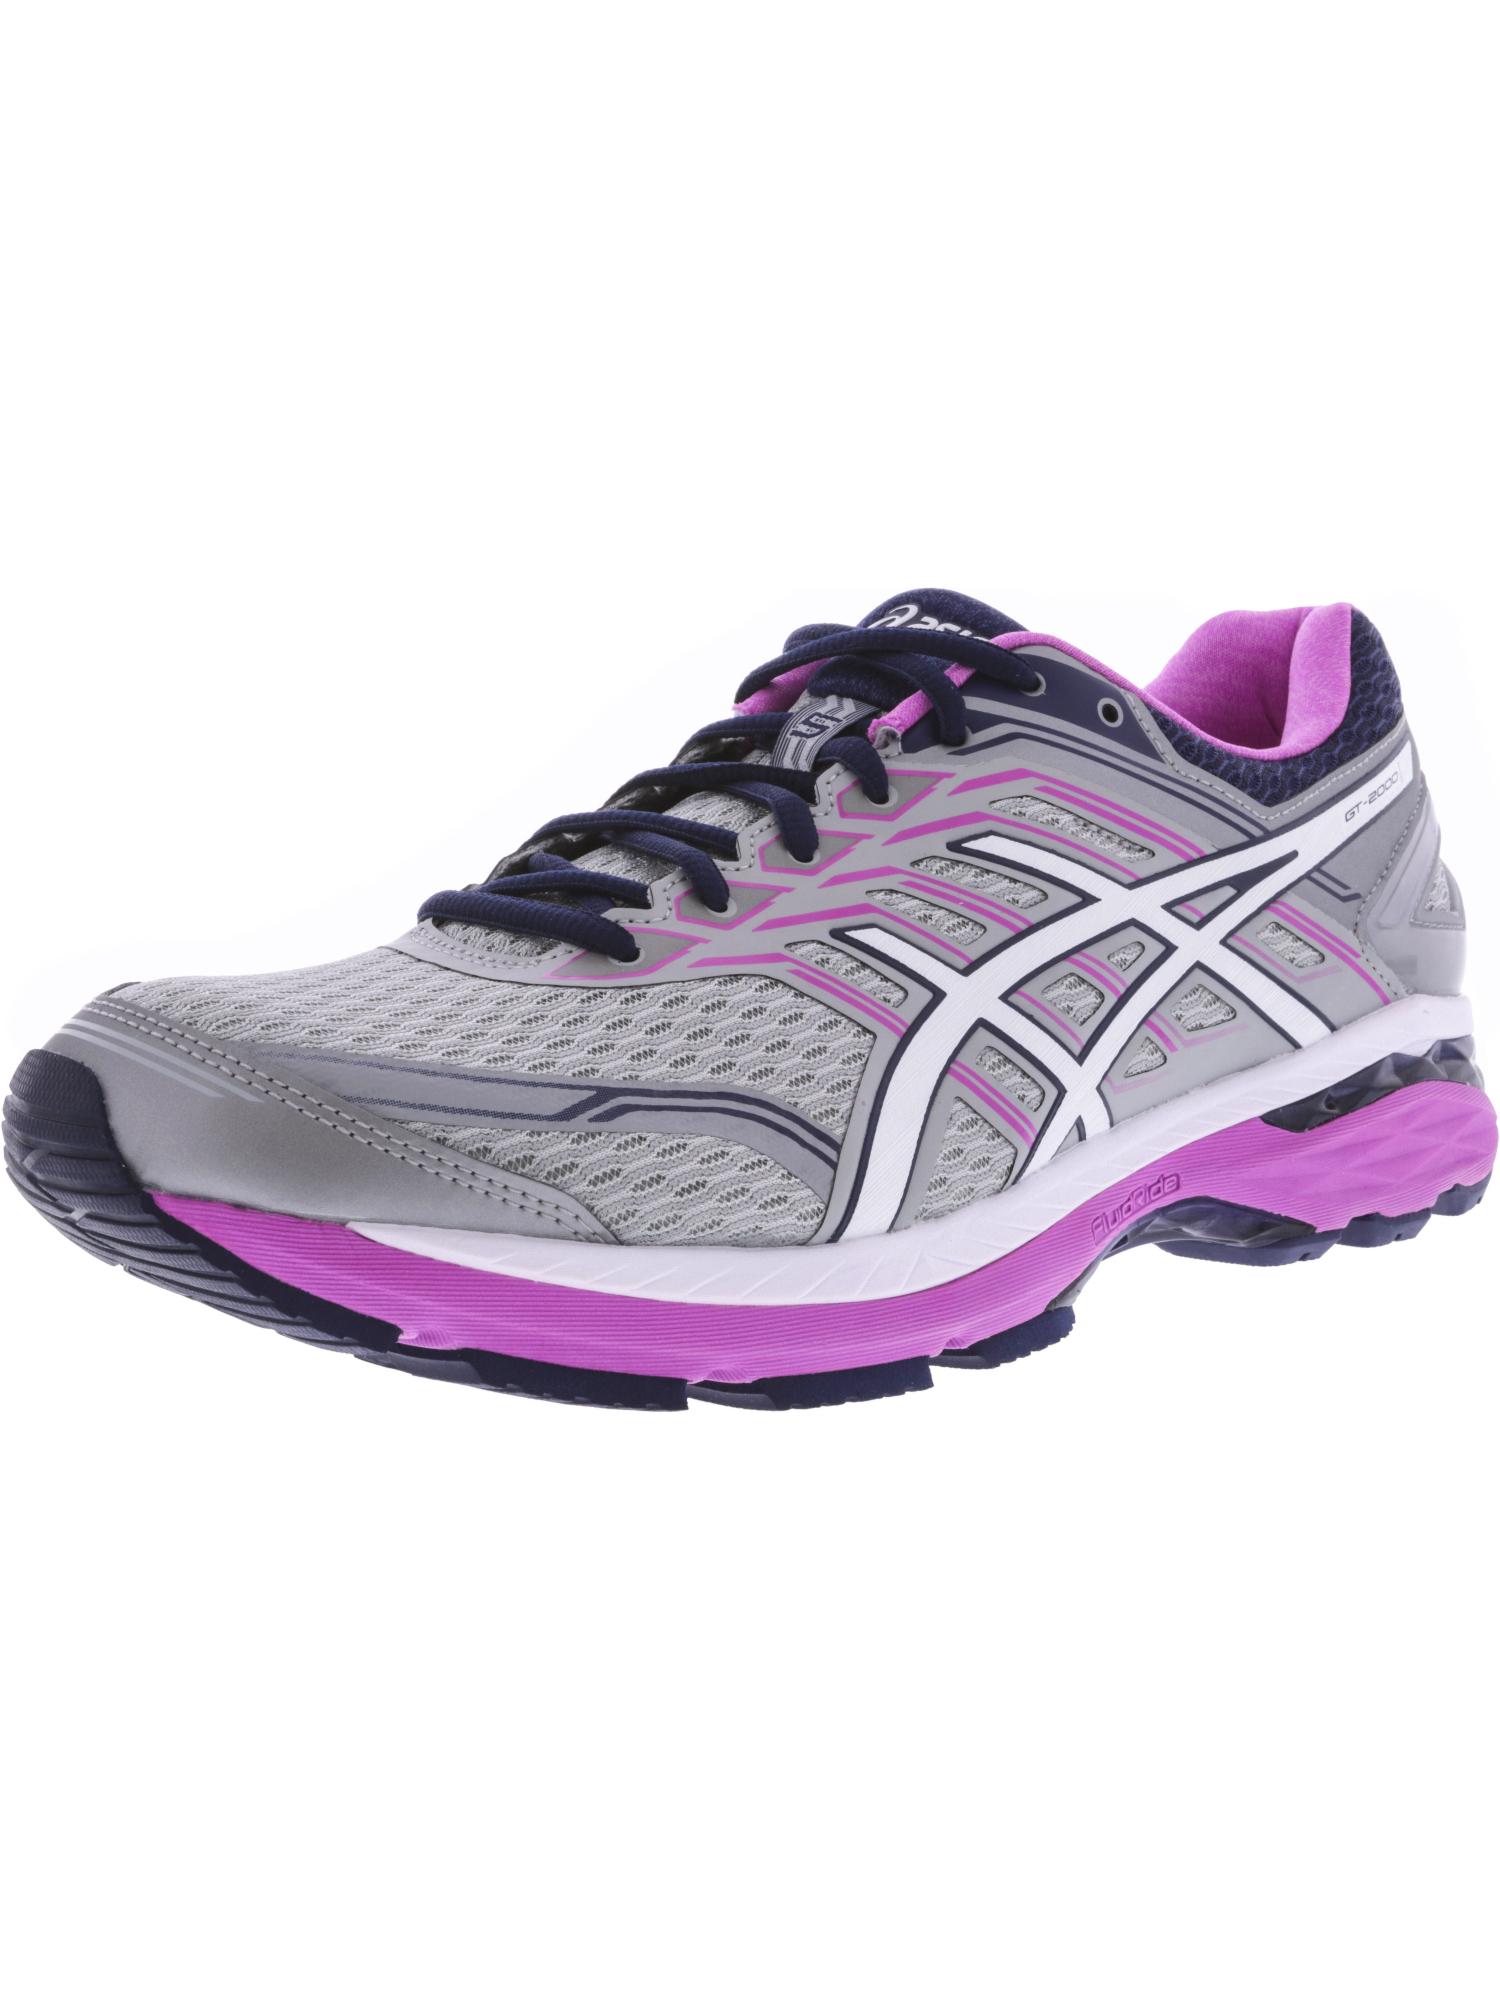 ASICS - Chaussures pied de course à pied Gt pour femme, 5, taille 6 T757n 9601 Gt 2000 5, gris rose 6898bb6 - madridturismobitcoin.website